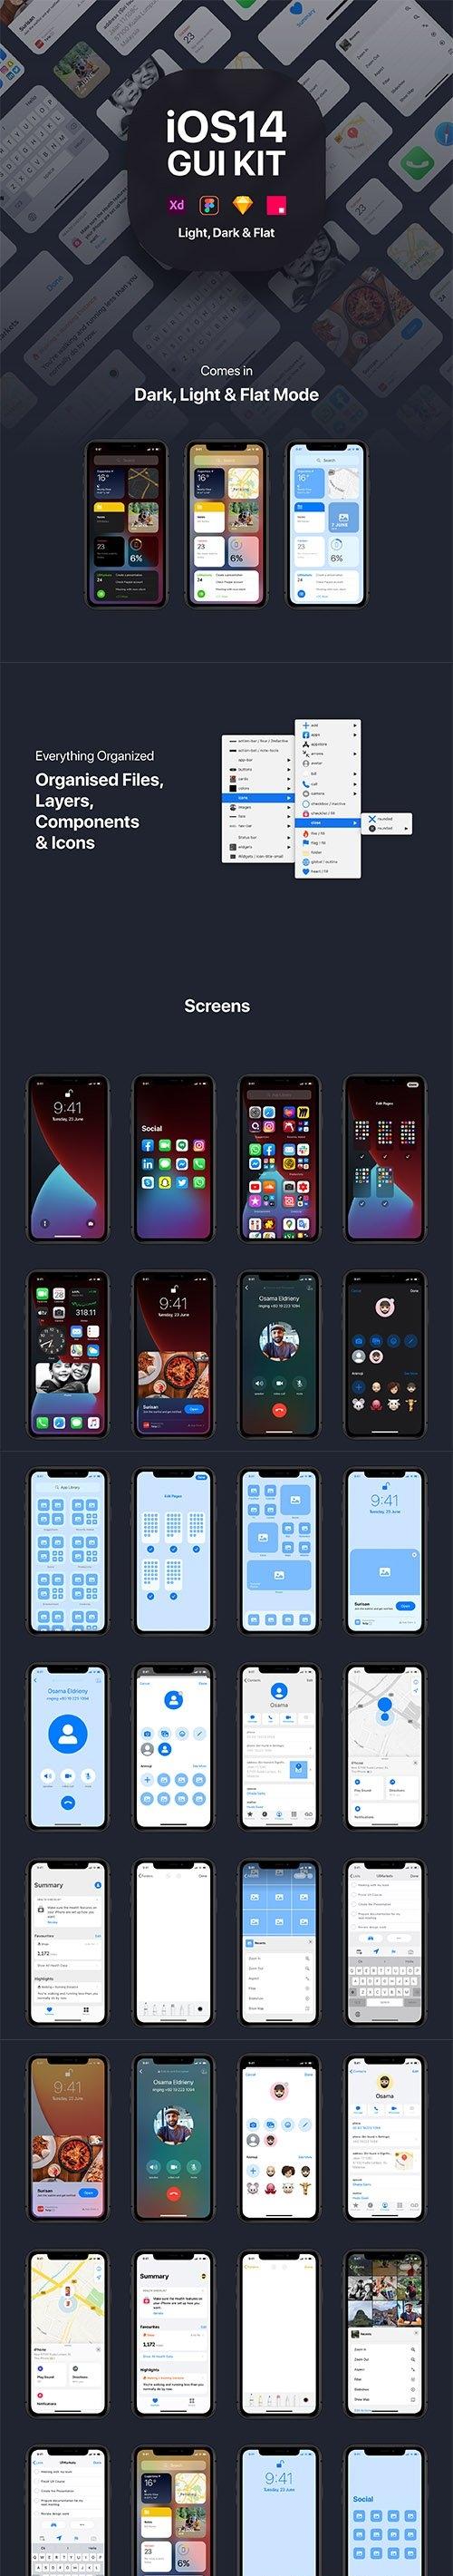 iOS14 GUI KIT